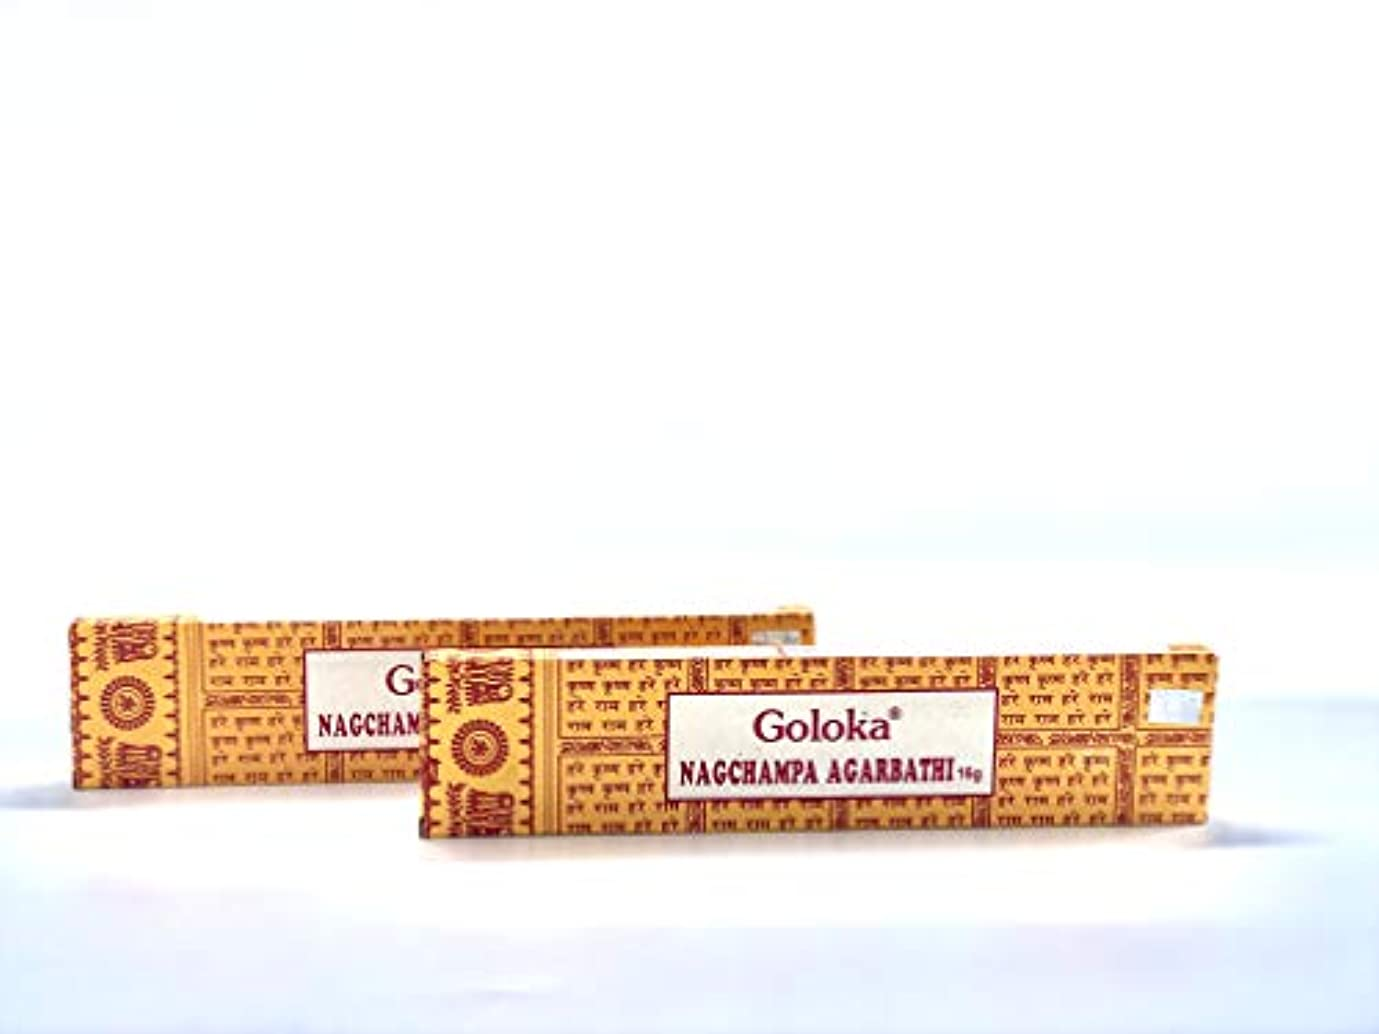 スケルトンチャーターお香Goloka Incense Sticks Nag Champa 2パックの16グラム